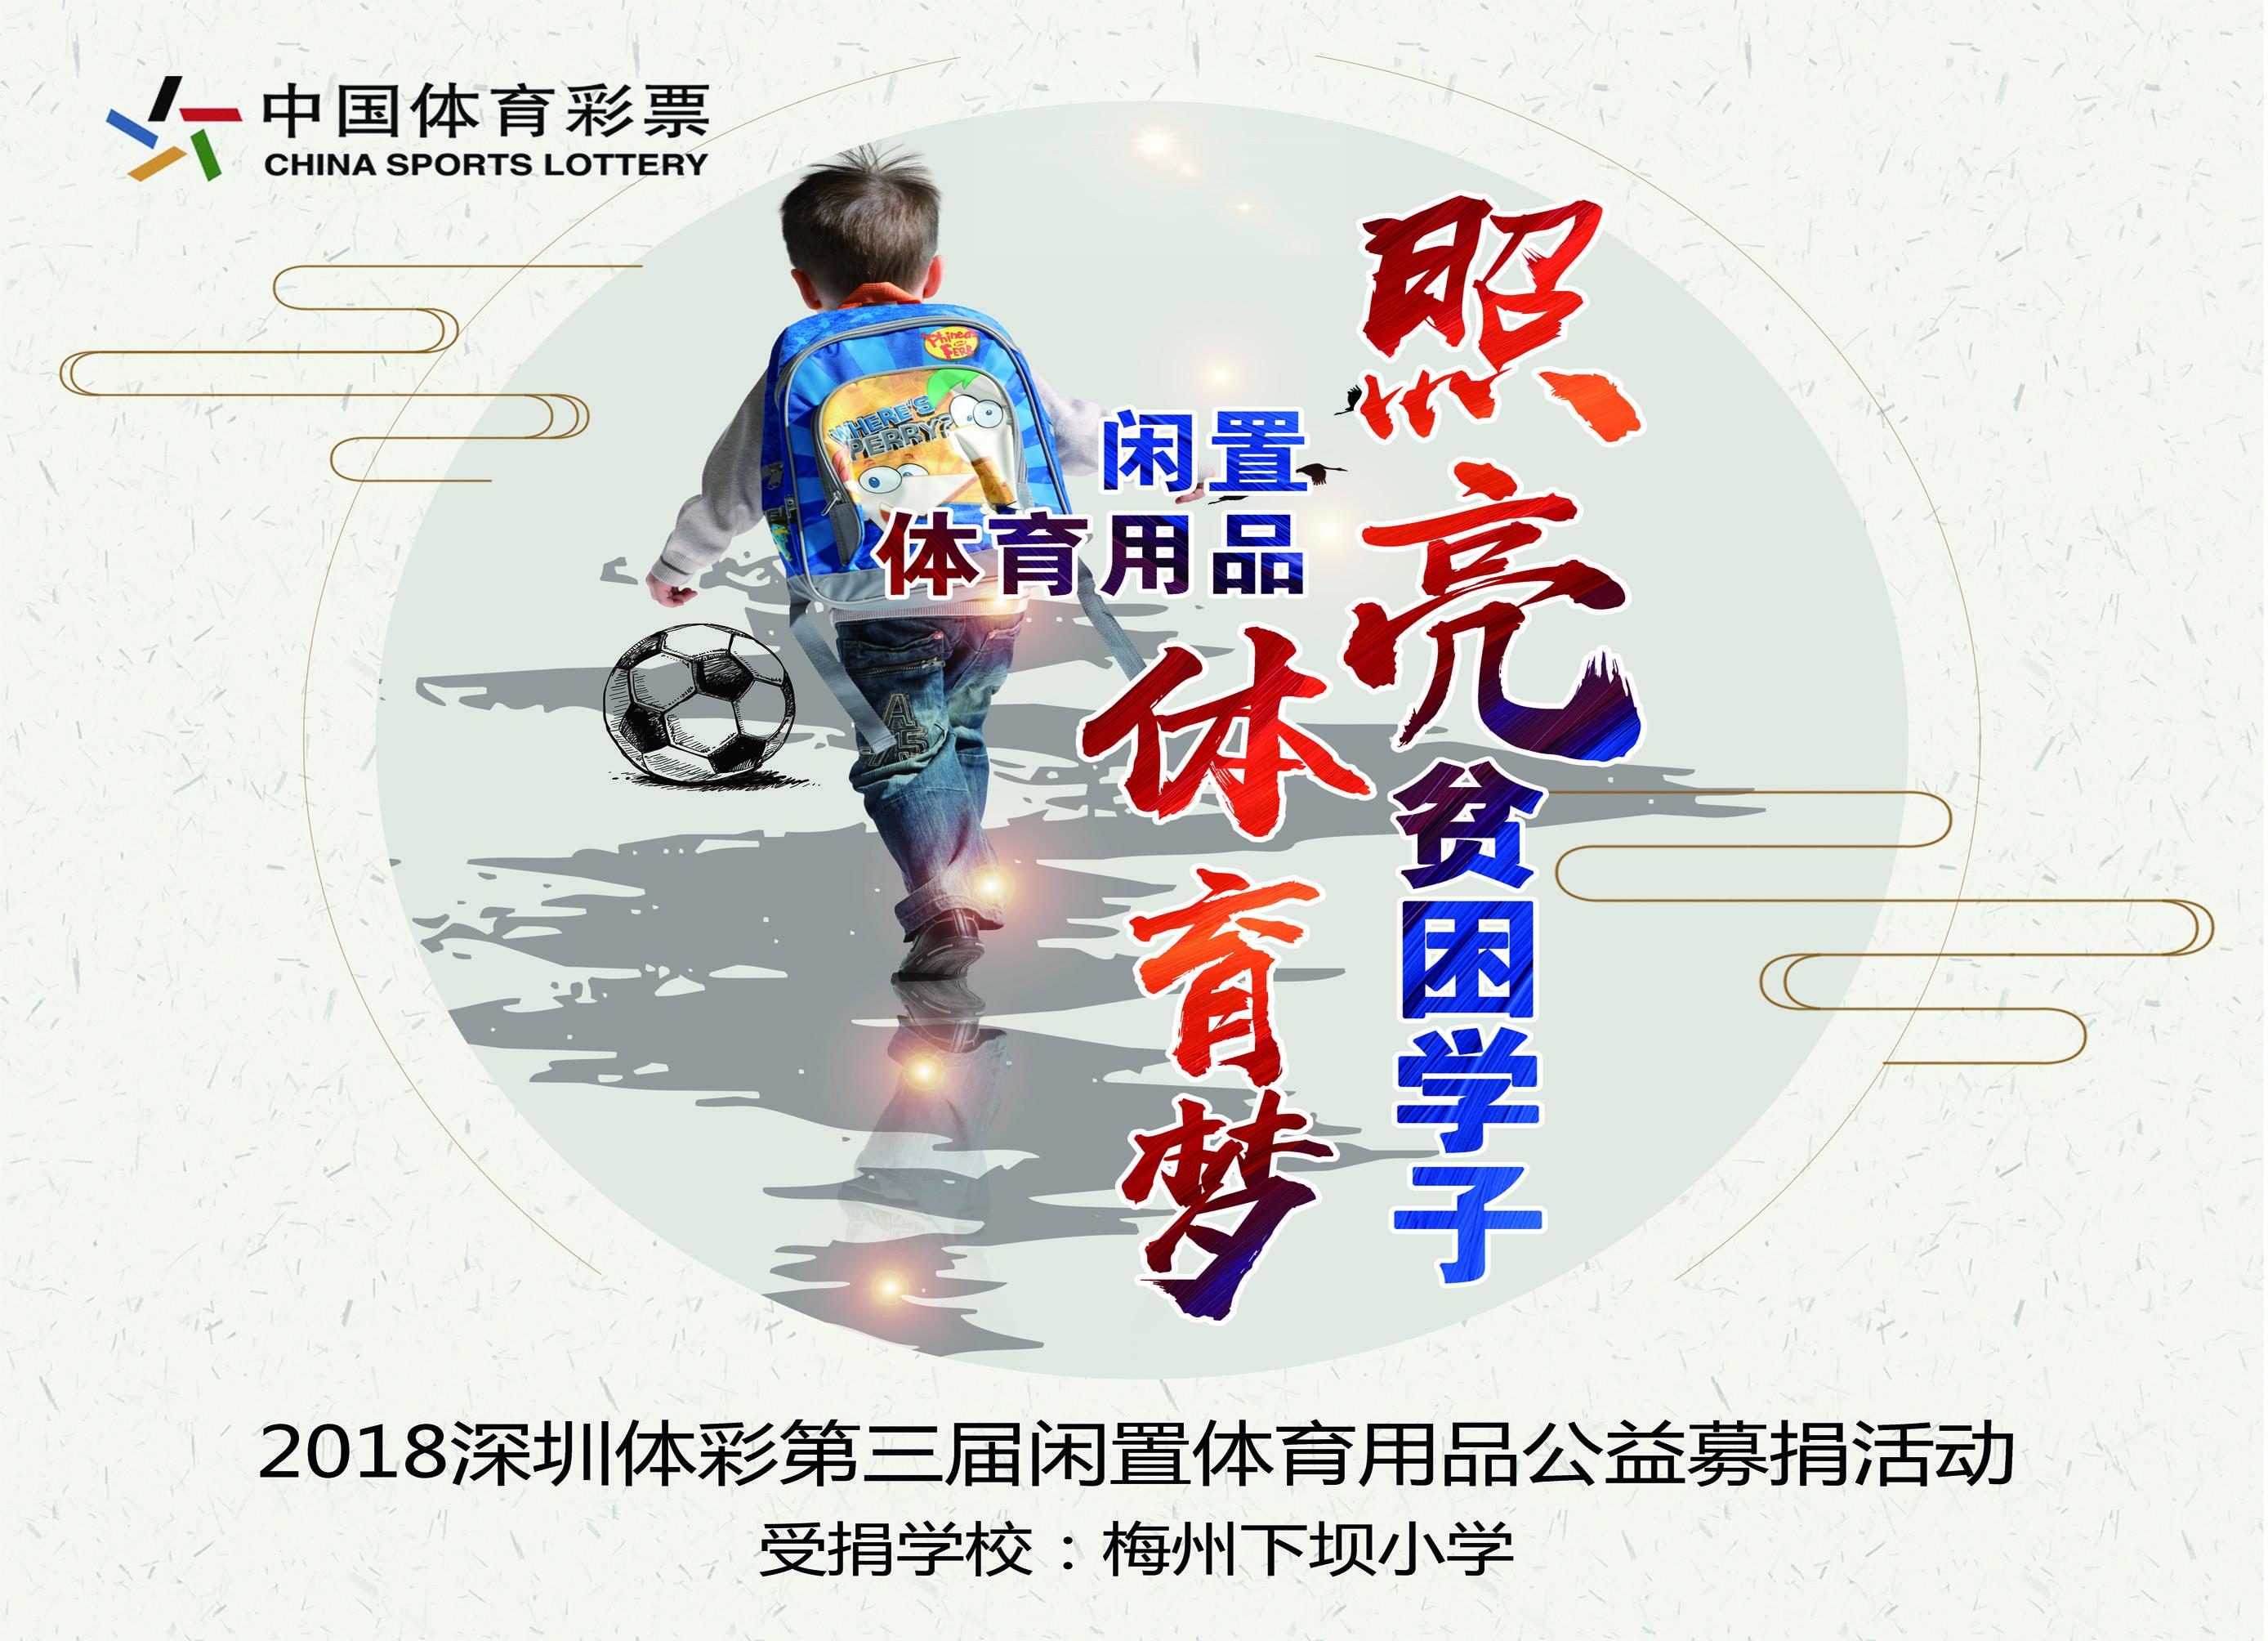 深圳体彩第三届闲置体育用品募捐活动启航